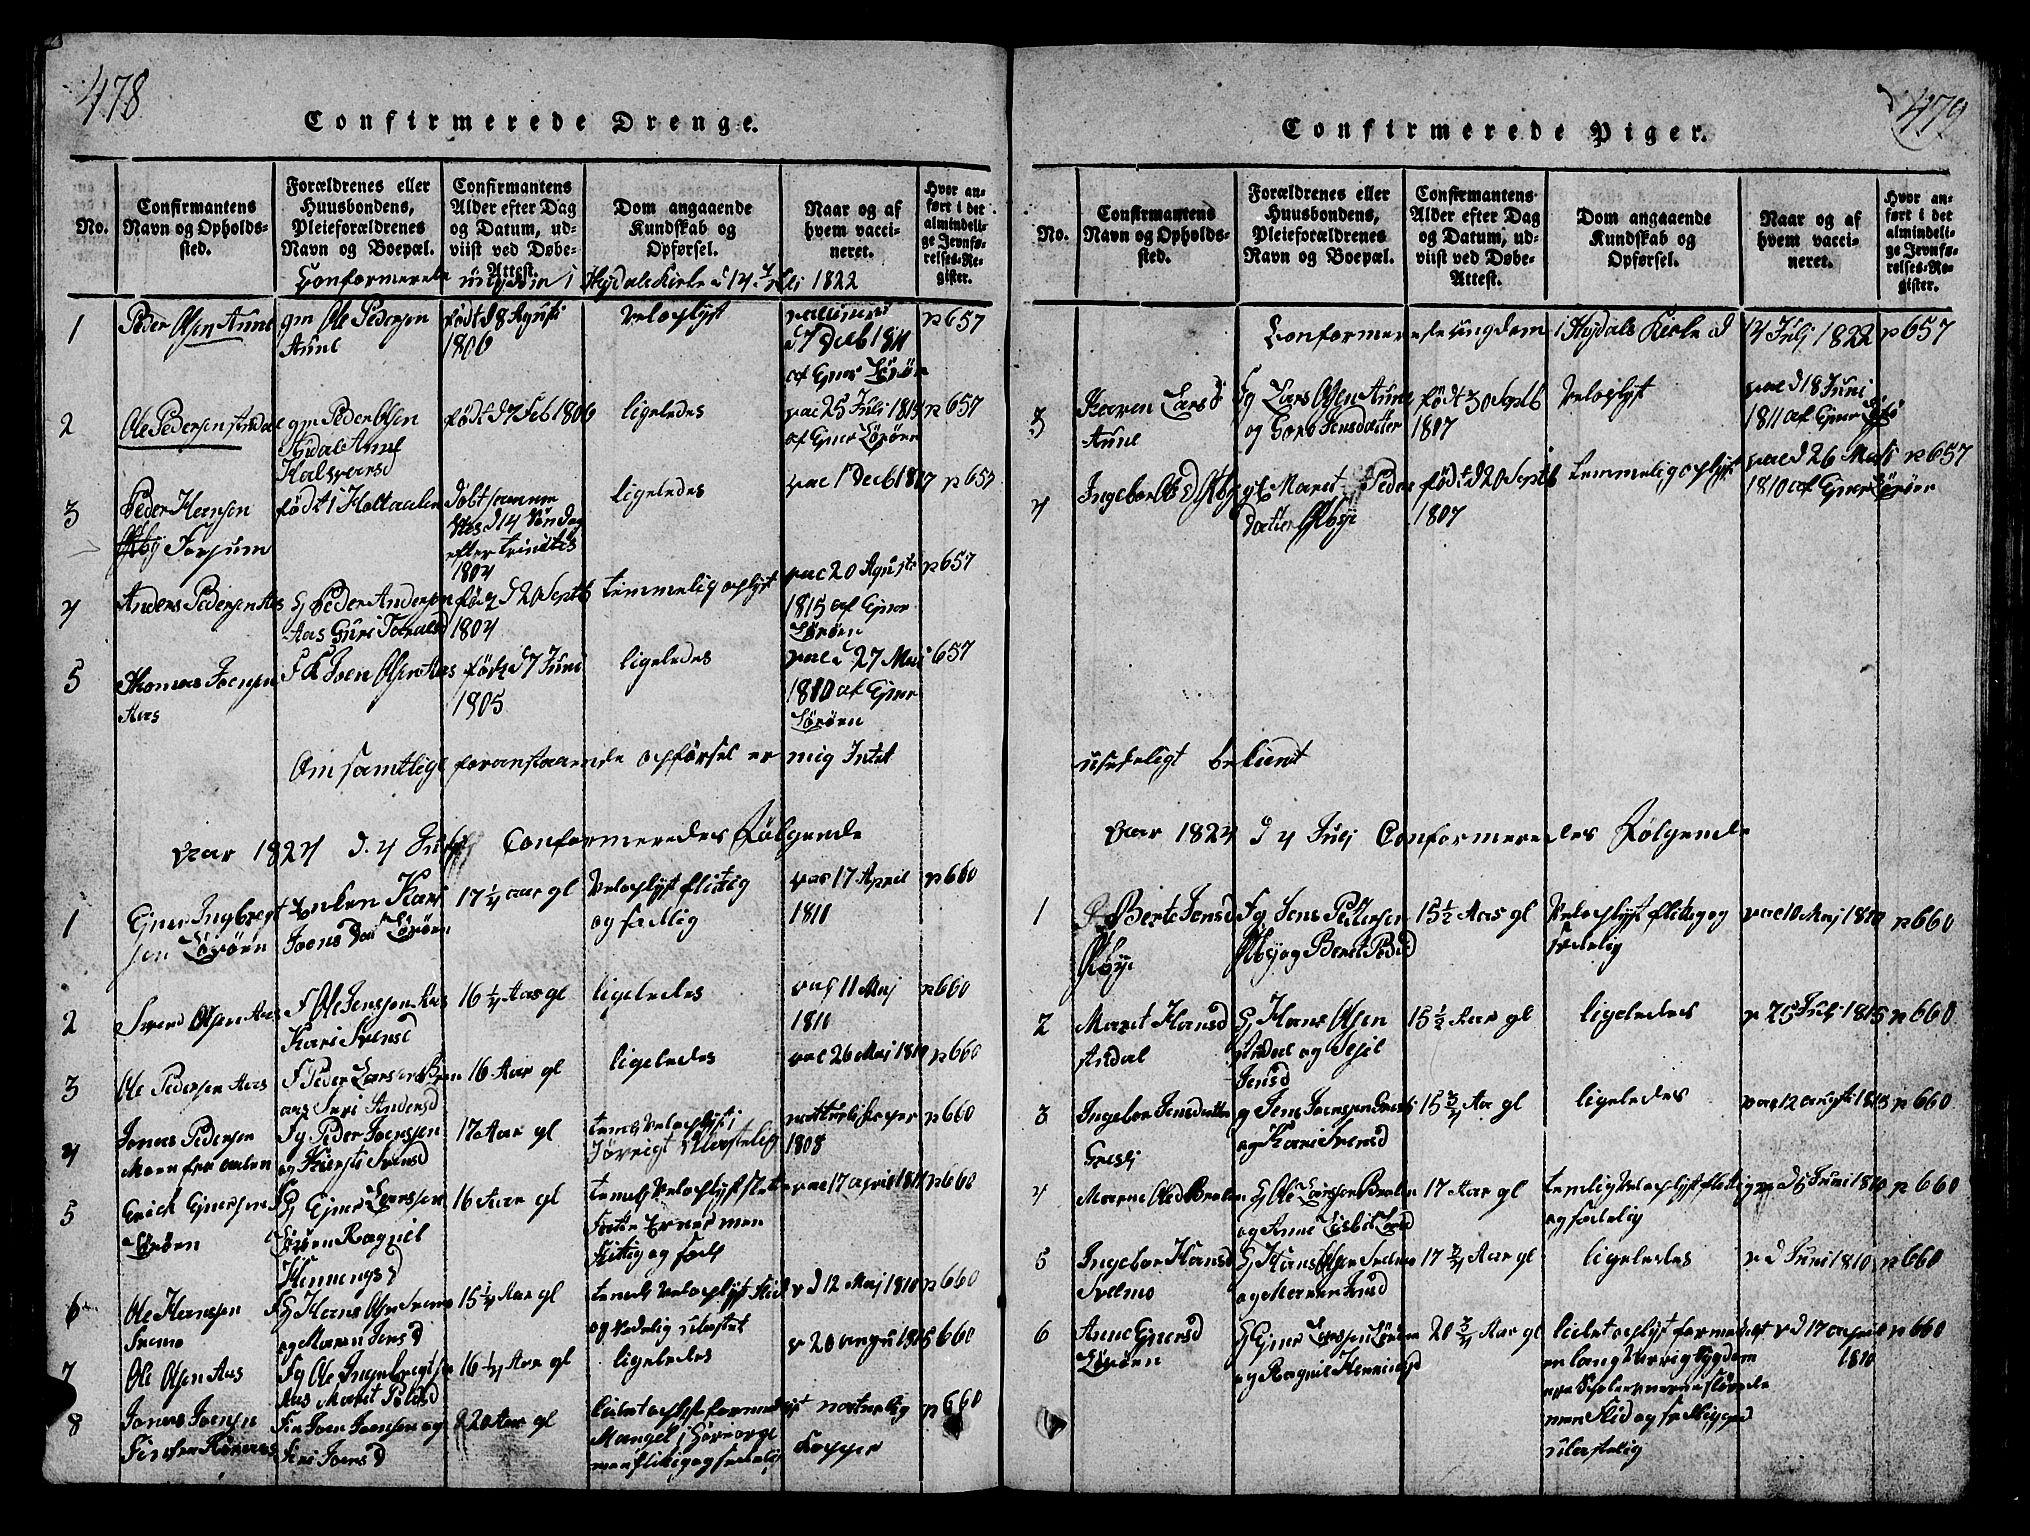 SAT, Ministerialprotokoller, klokkerbøker og fødselsregistre - Sør-Trøndelag, 698/L1164: Klokkerbok nr. 698C01, 1816-1861, s. 478-479